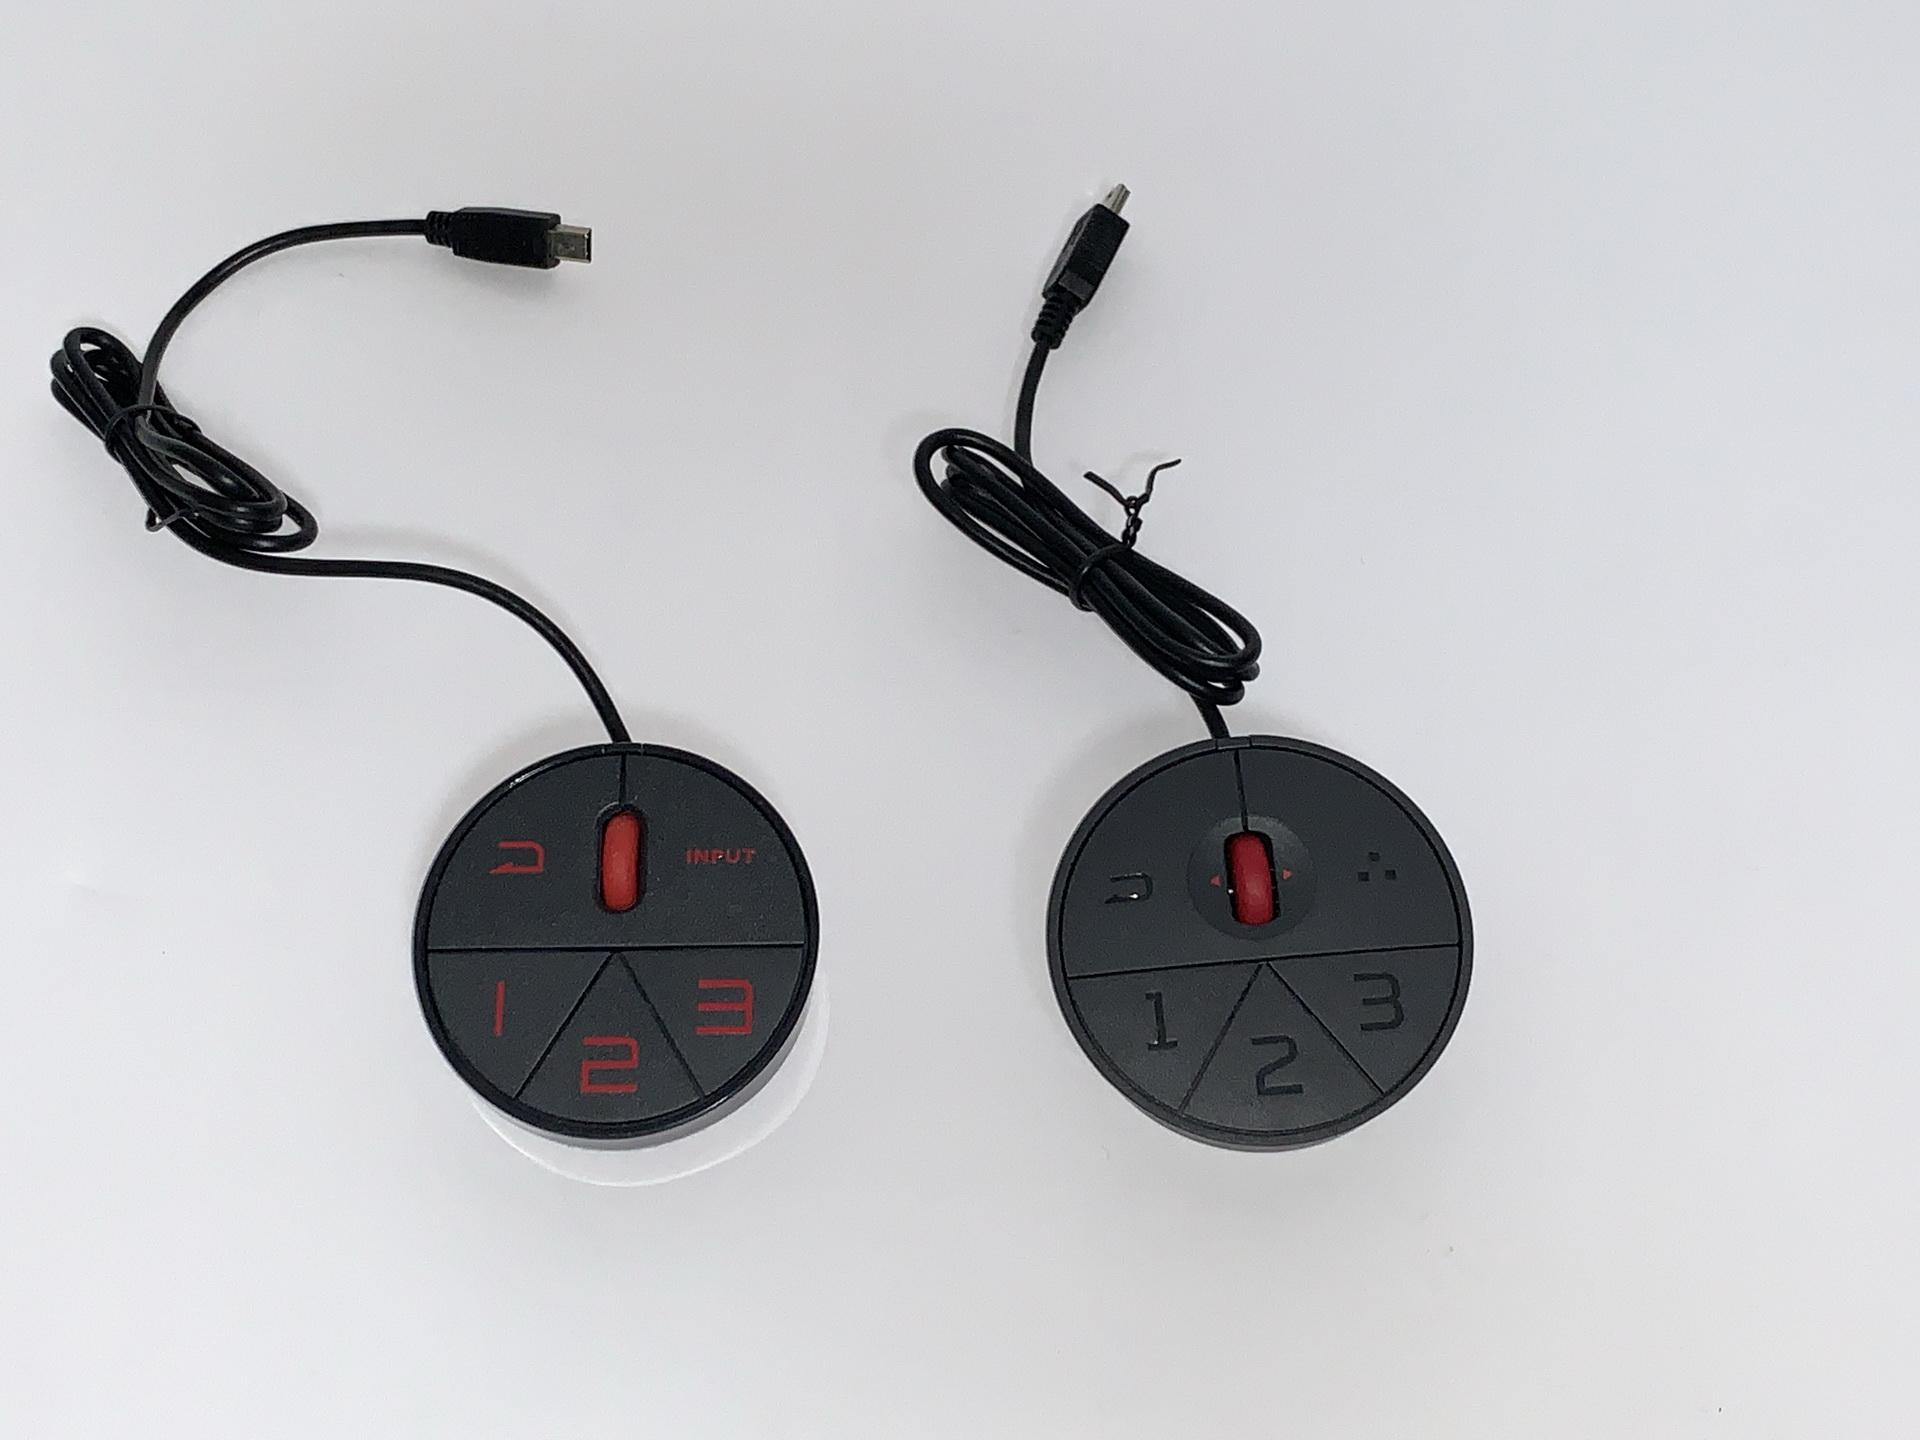 左がXL2546、右がXL2546KのS.Switch。文字に色を引いてあるのが旧バージョン